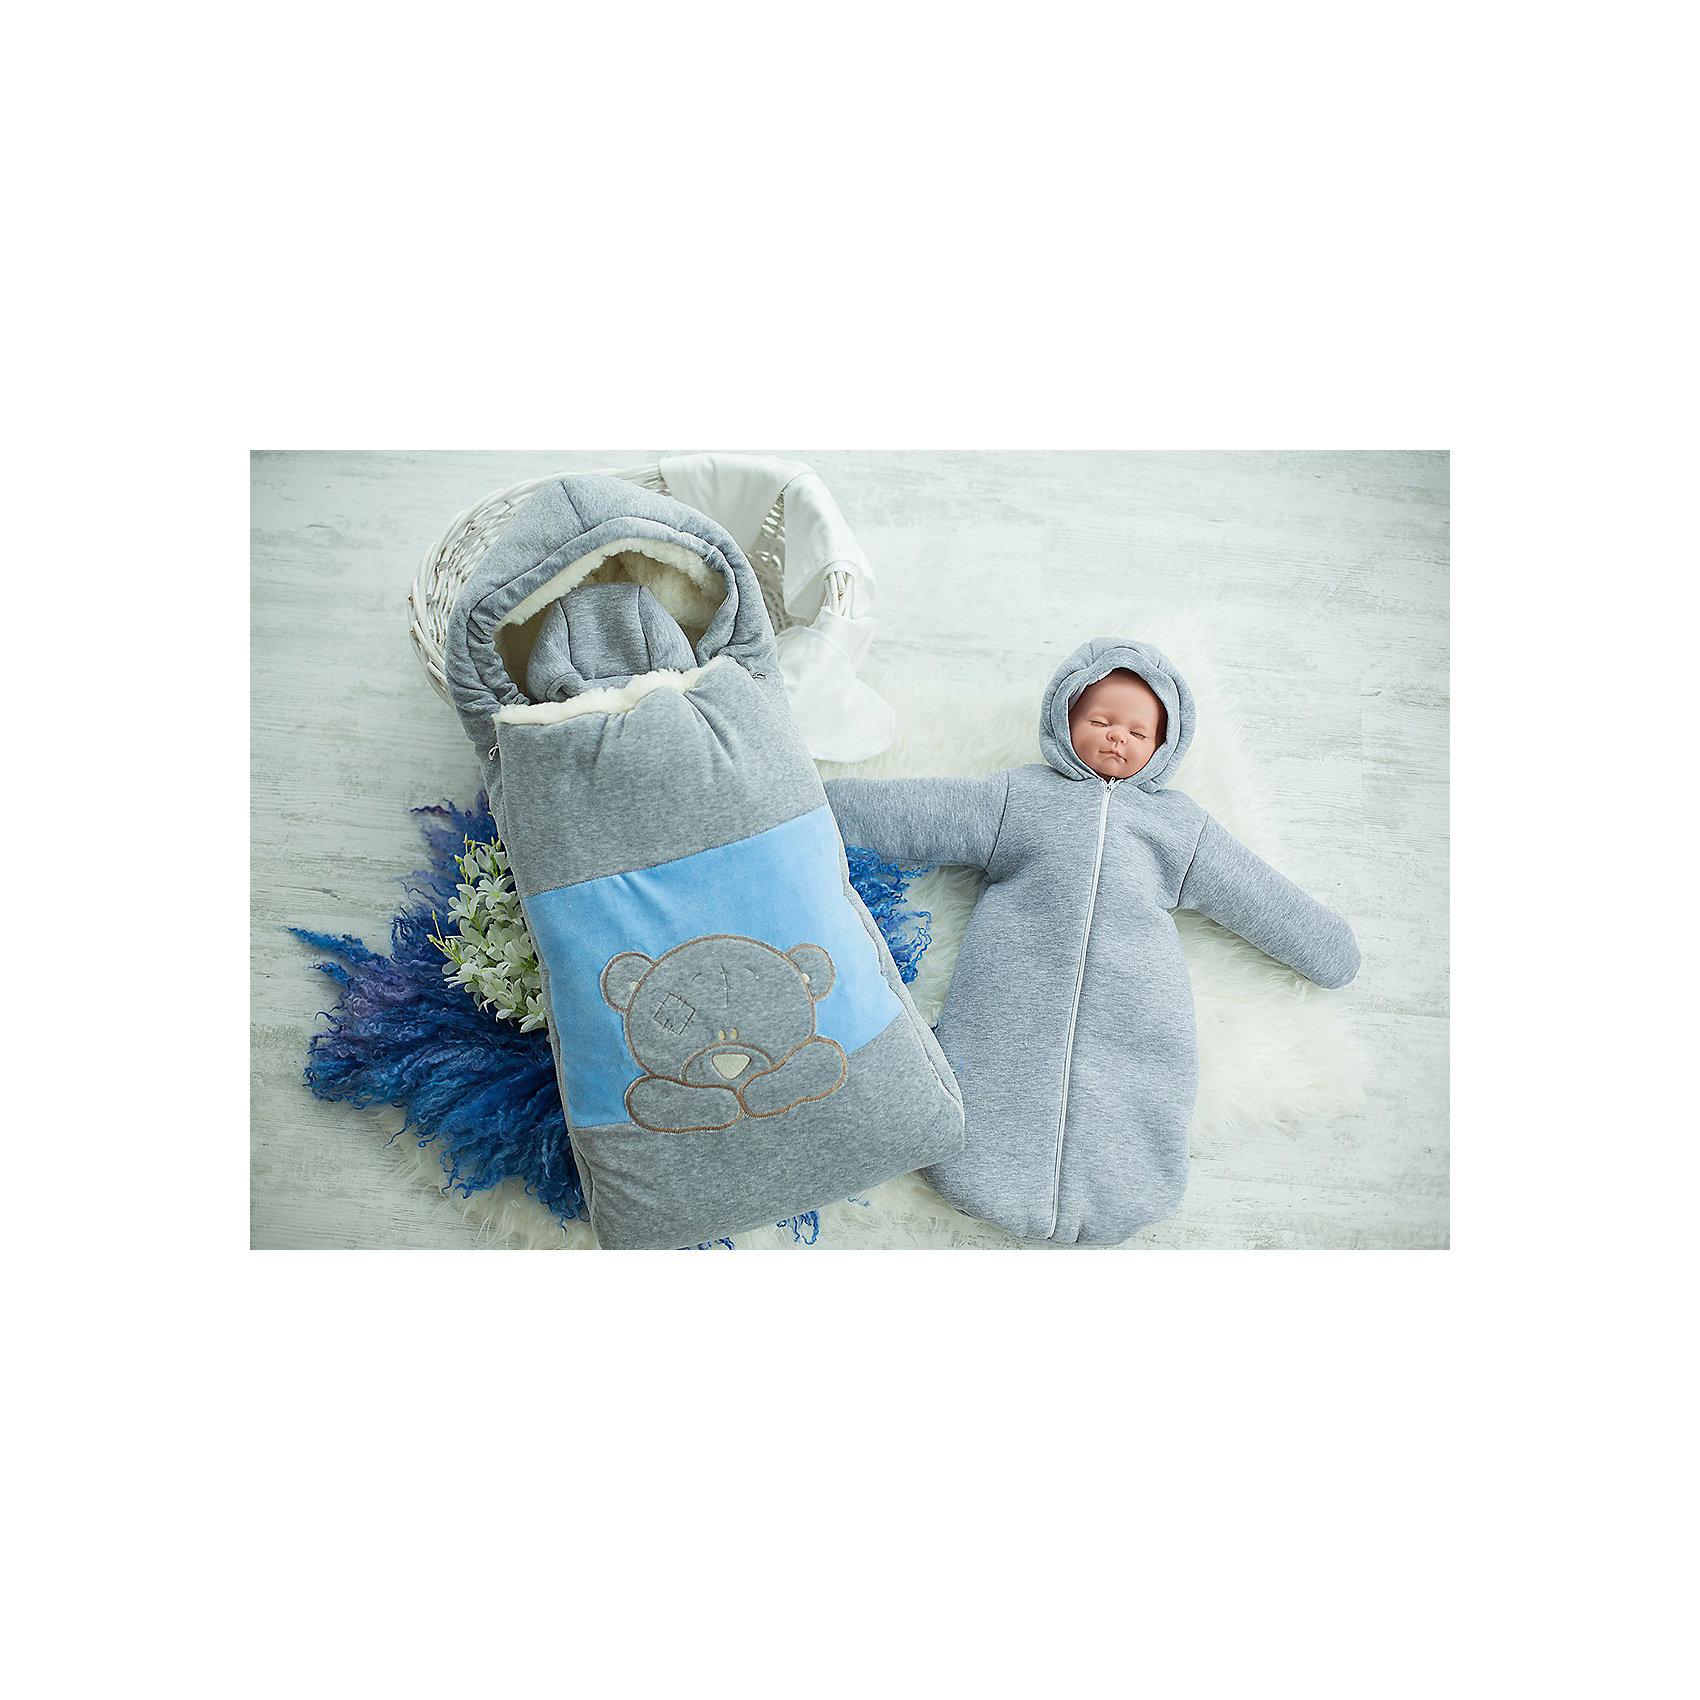 Комплект на выписку 6 пред., GulSara, 81.1 зима, велюр, серыйНаборы одежды, конверты на выписку<br>Характеристики:<br><br>• Вид детского текстиля: комплект на выписку<br>• Предназначение: на выписку, для прогулки<br>• Сезон: зима<br>• Утеплитель: высокая степень<br>• Температурный режим: от -5? С до -20? С<br>• Пол: для мальчика<br>• Тематика рисунка: медвежонок<br>• Материал: велюр, футер<br>• Цвет: голубой, серый<br>• Комплектация:<br> конверт на меху – 1 шт. 80*50 см<br> шапочка на синтепоне – 1 шт. р-р 56-36<br> спальный мешок на молнии – 1 шт. р-р 56-36<br> ползунки – 1 шт. р-р 56-36<br> распашонка – 1 шт. р-р 56-36<br> чепчик – 1 шт. р-р 56-36<br>• Особенности ухода: машинная стирка при температуре 30 градусов без использования отбеливающих и красящих веществ<br><br>Комплект на выписку 6 пред., GulSara, 81.1 зима, велюр, серый от отечественного швейного производства, который выпускает современный текстиль и товары для новорожденных, изготовленных на основе вековых традиций. В своем производстве GulSara использует только экологичные и натуральные материалы, что обеспечивает их безопасность даже для малышей с чувствительной кожей. Набор предназначен для выписки в зимний период и состоит из утепленного конверта на меху, шапочки и спального мешка на молнии. <br><br>В качестве наполнителя использован синтепон – легкий, но при этом гипоаллергенный материал. Комплект нижней одежды состоит из ползунков, распашонки и чепчика, изготовленных из мягкого футера. Конверт декорирован аппликацией в виде медвежонка. Комплект на выписку 6 пред., GulSara, 81.1 зима, велюр, серый создаст изысканный и неповторимый образ вашего малыша!<br><br>Комплект на выписку 6 пред., GulSara, 81.1 зима, велюр, серый можно купить в нашем интернет-магазине.<br><br>Ширина мм: 800<br>Глубина мм: 500<br>Высота мм: 150<br>Вес г: 1700<br>Возраст от месяцев: 0<br>Возраст до месяцев: 6<br>Пол: Мужской<br>Возраст: Детский<br>SKU: 5433409